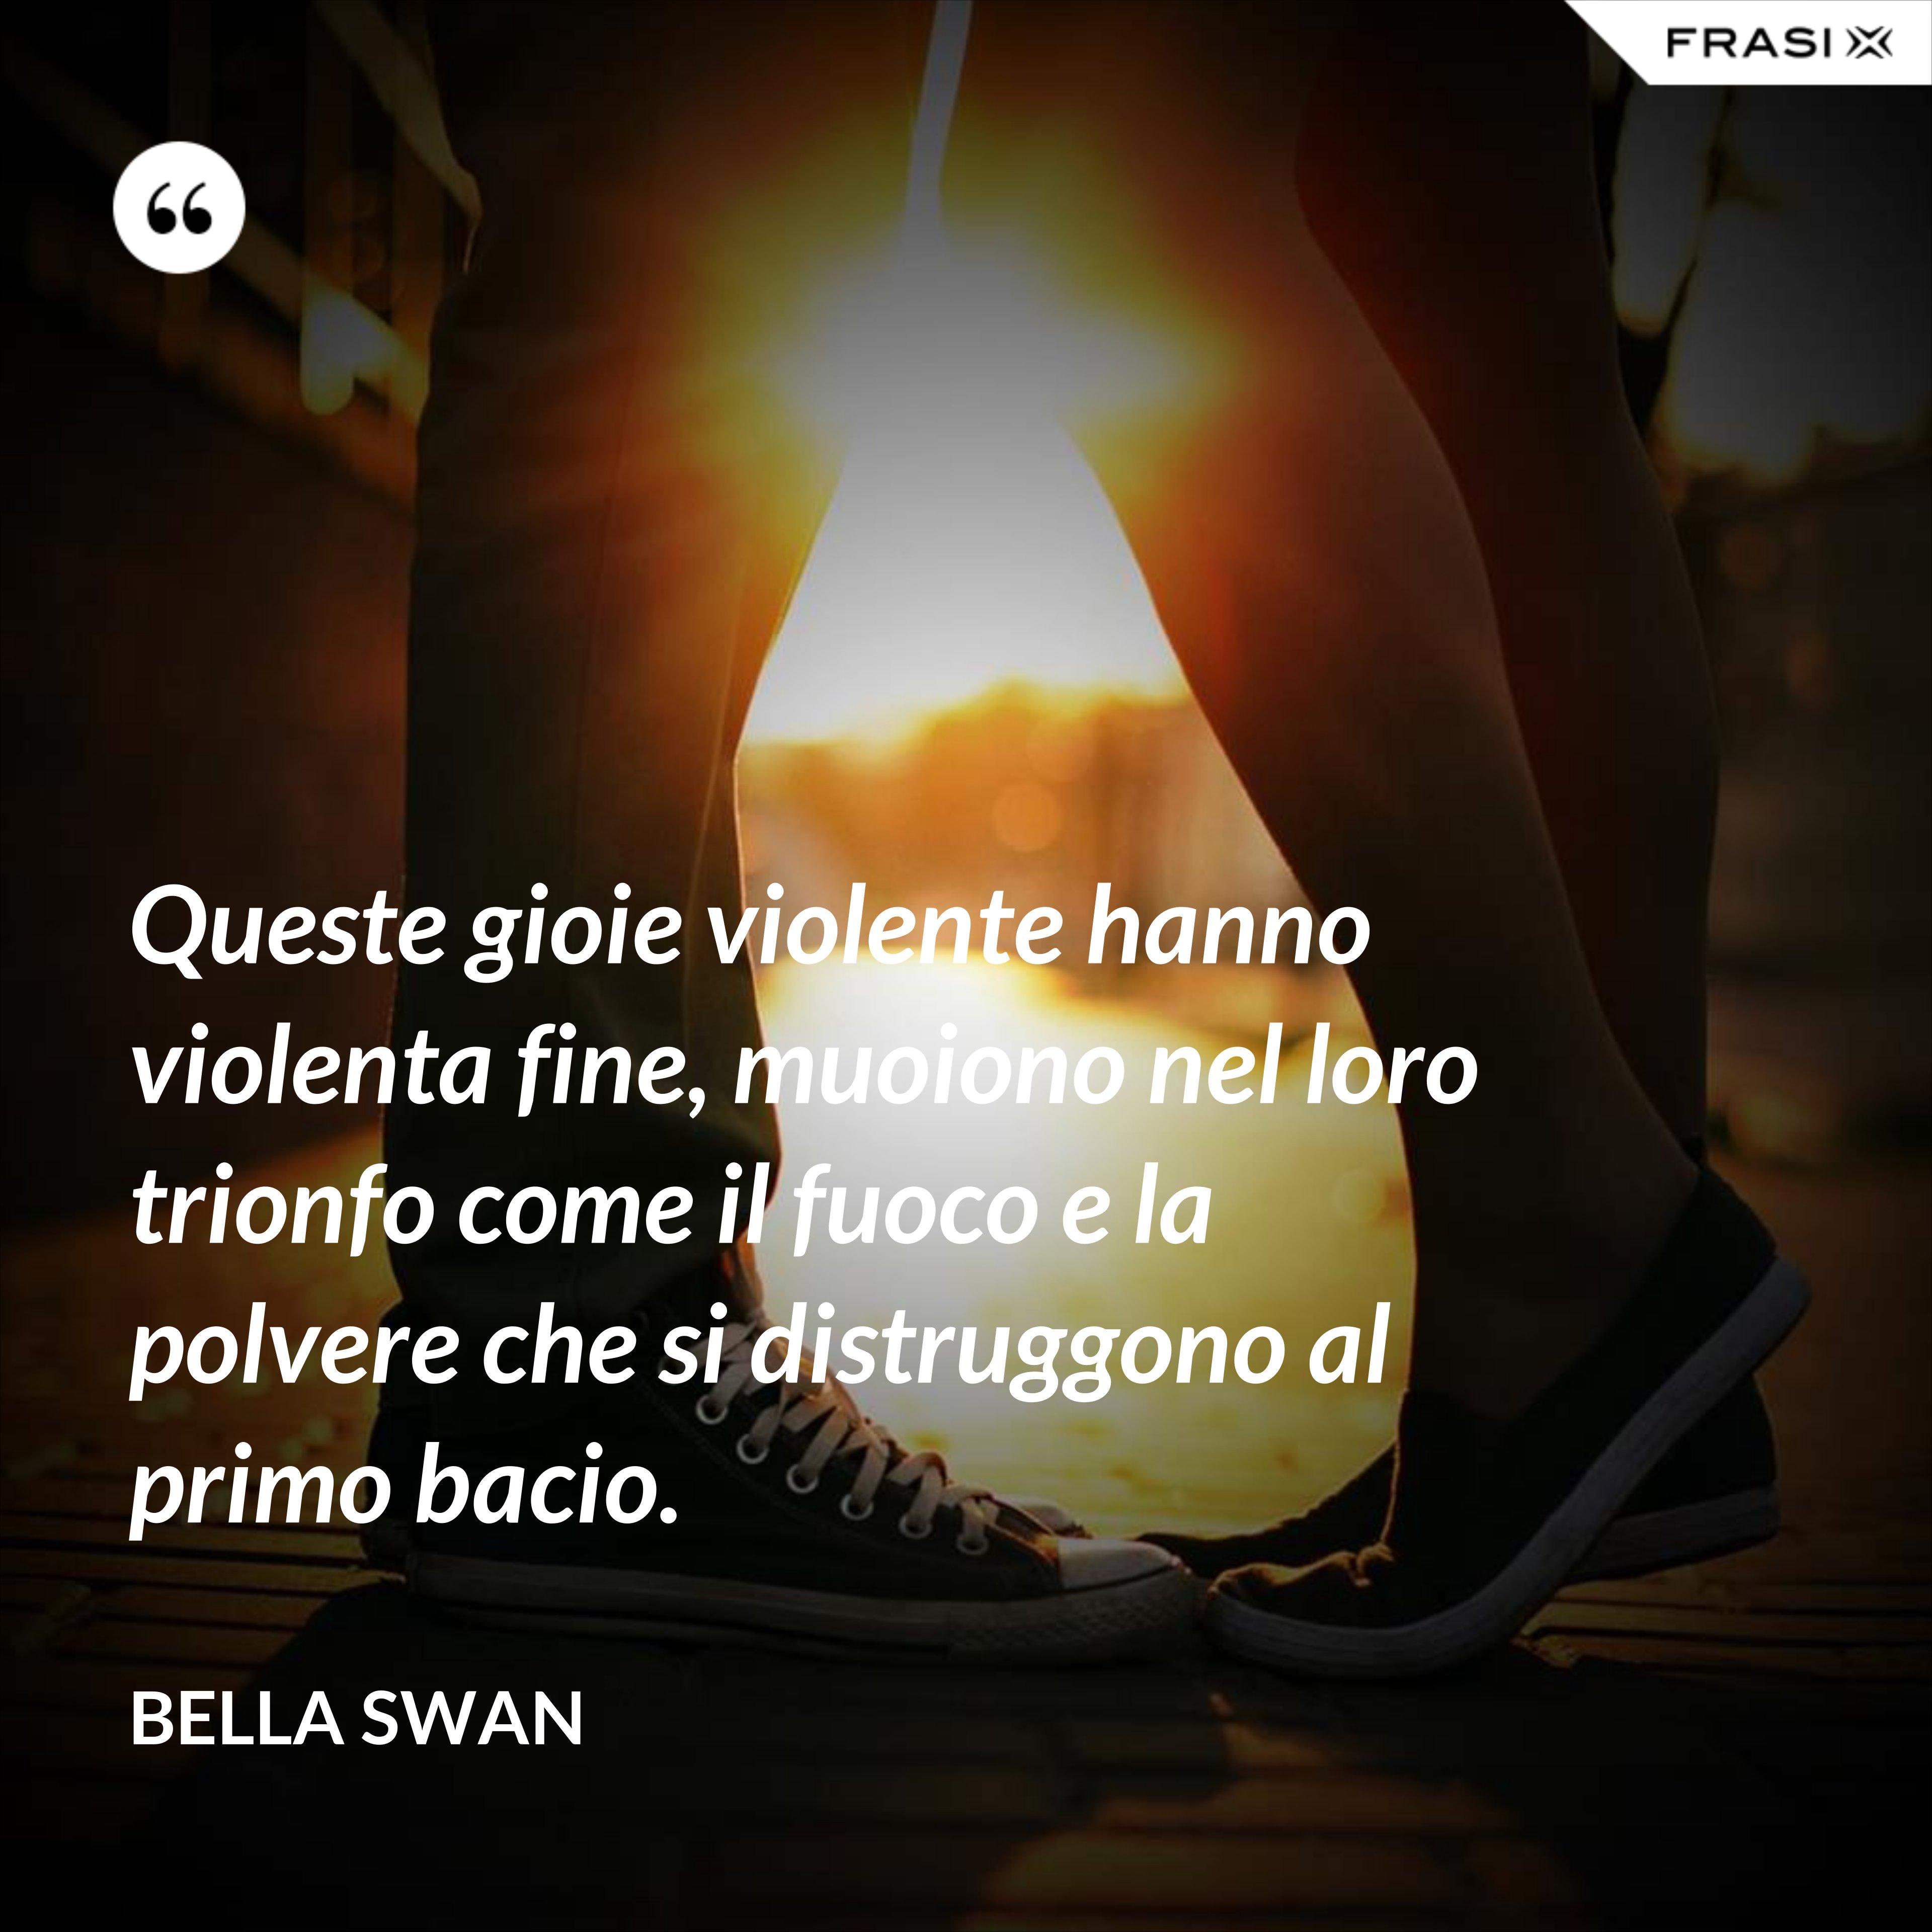 Queste gioie violente hanno violenta fine, muoiono nel loro trionfo come il fuoco e la polvere che si distruggono al primo bacio. - Bella Swan